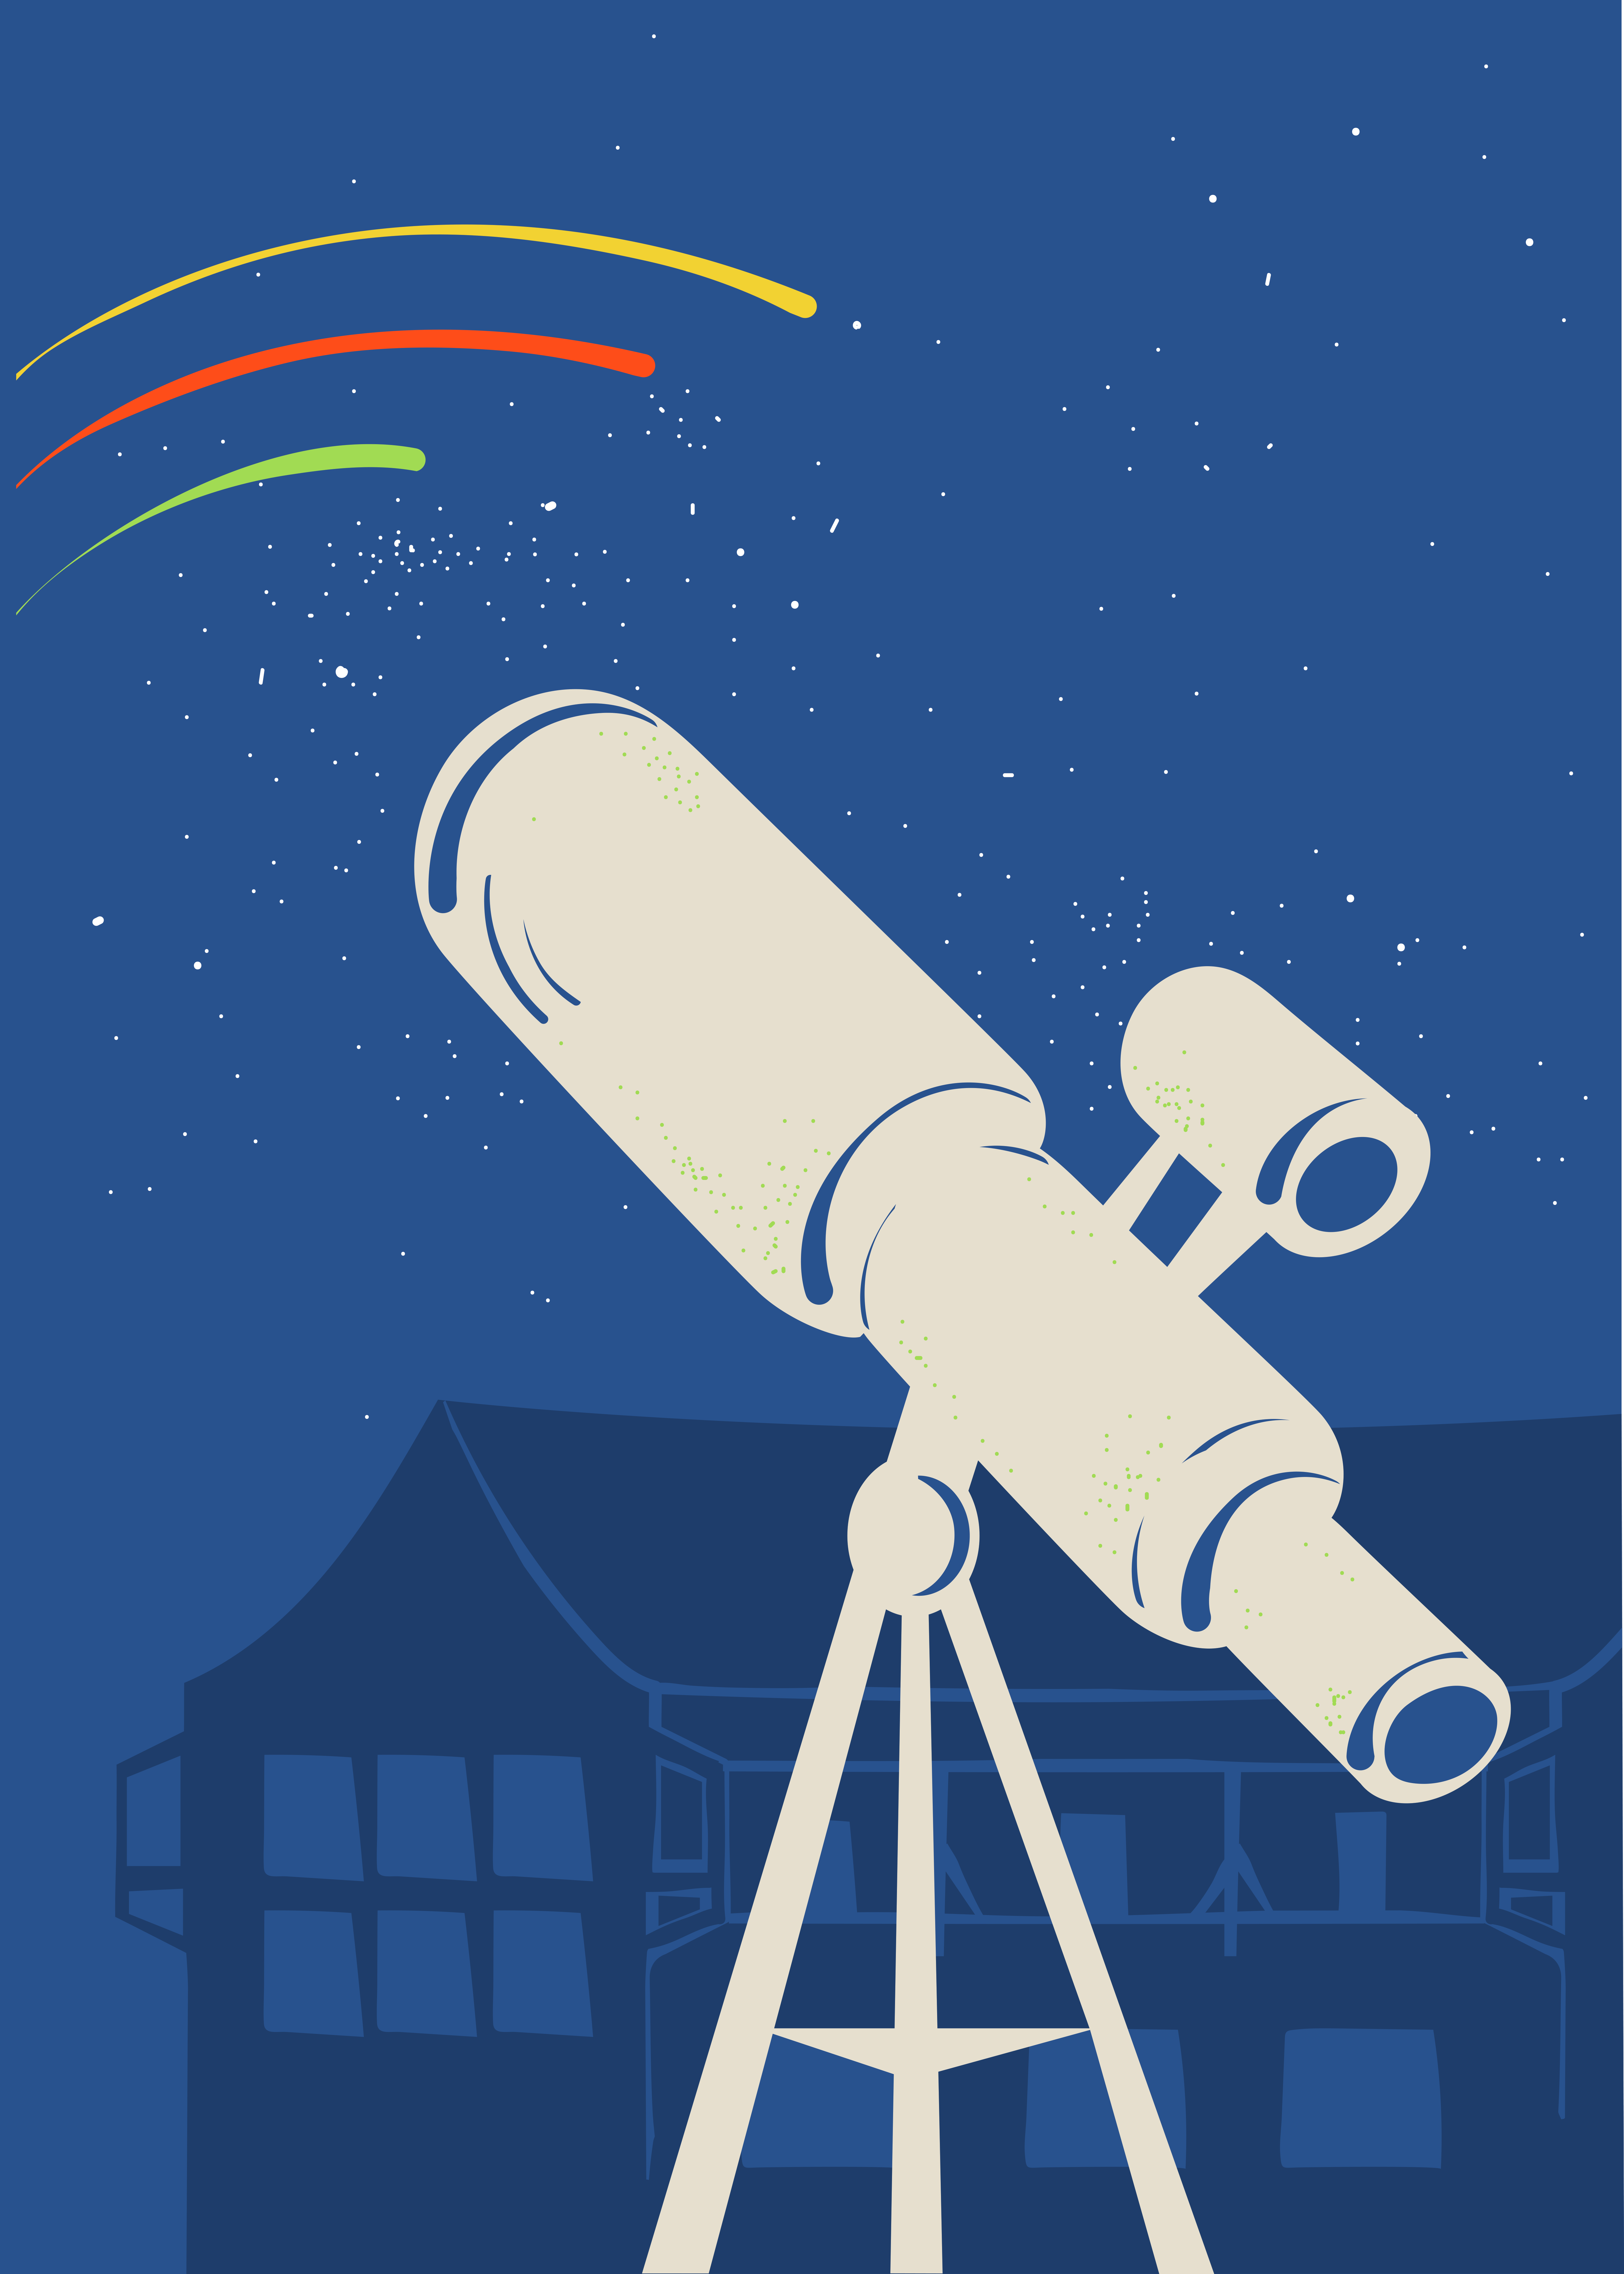 Sie sehen ein Teleskop und Sternschnuppen. Das JUFA Hotel Nördlingen im Ries beitet erlebnisreichen Urlaub.